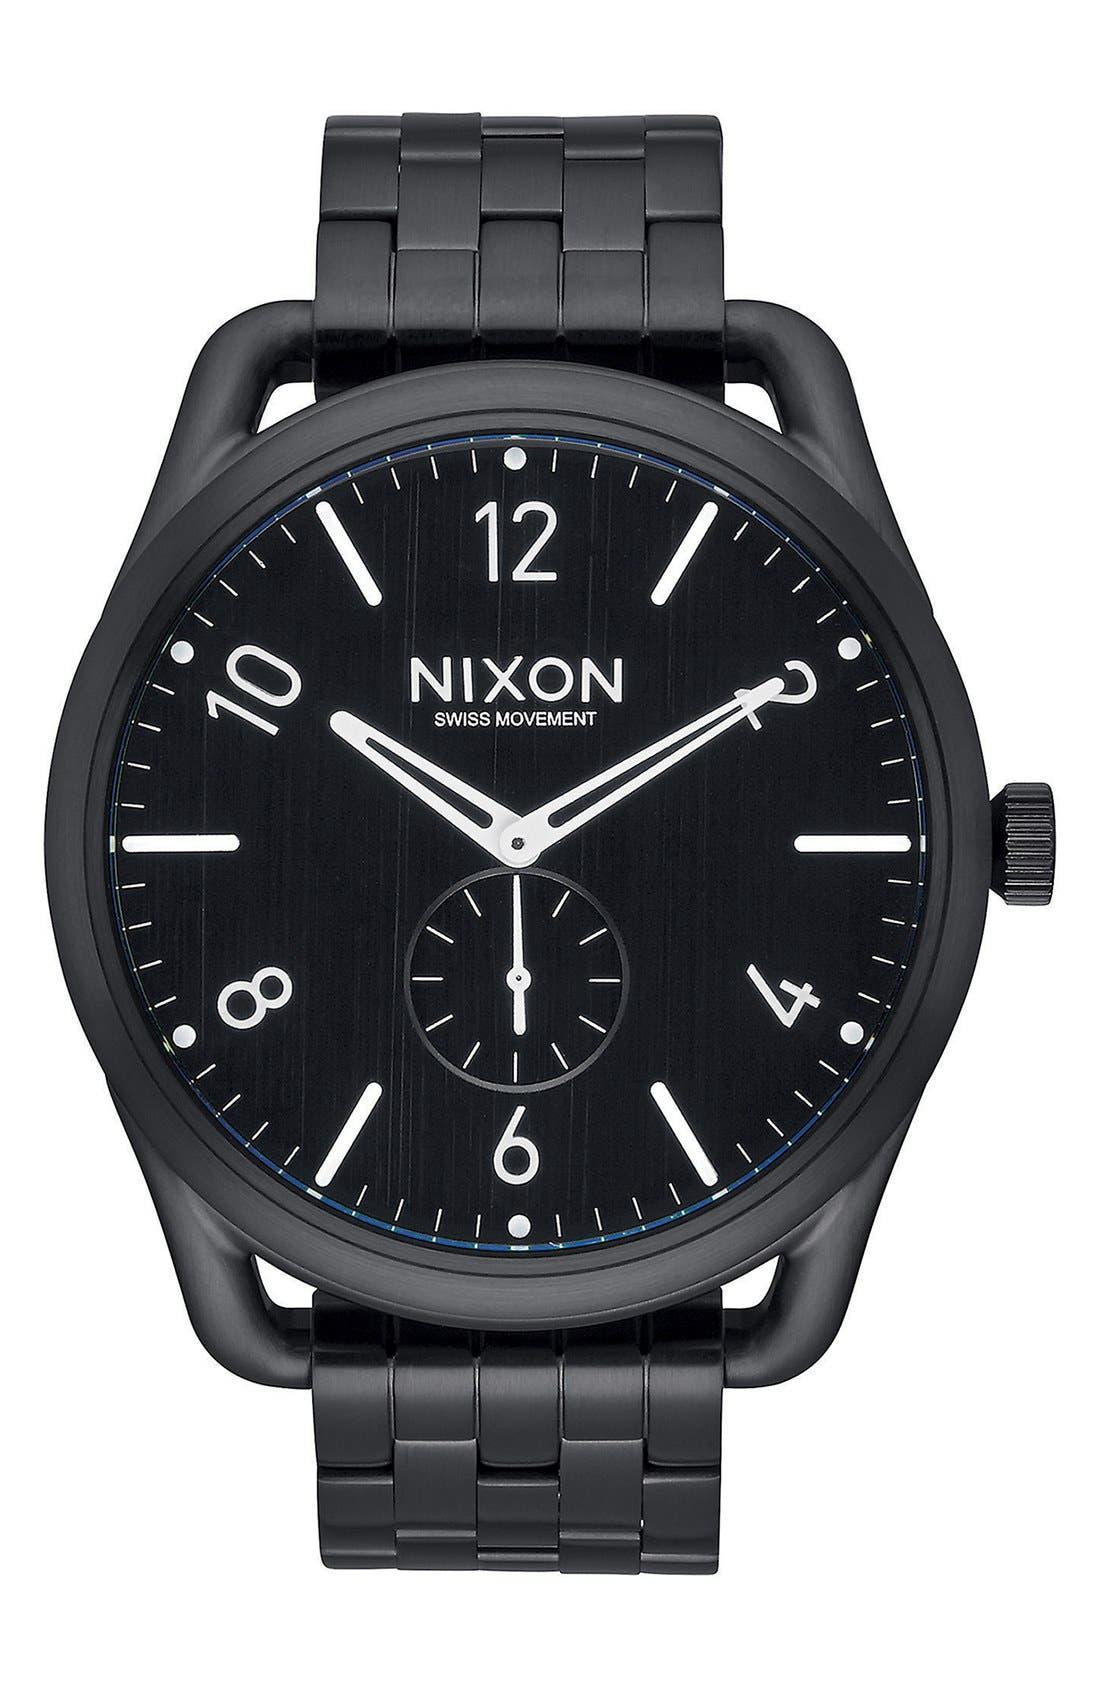 Nixon Bracelets 'C45' BRACELET WATCH, 45MM